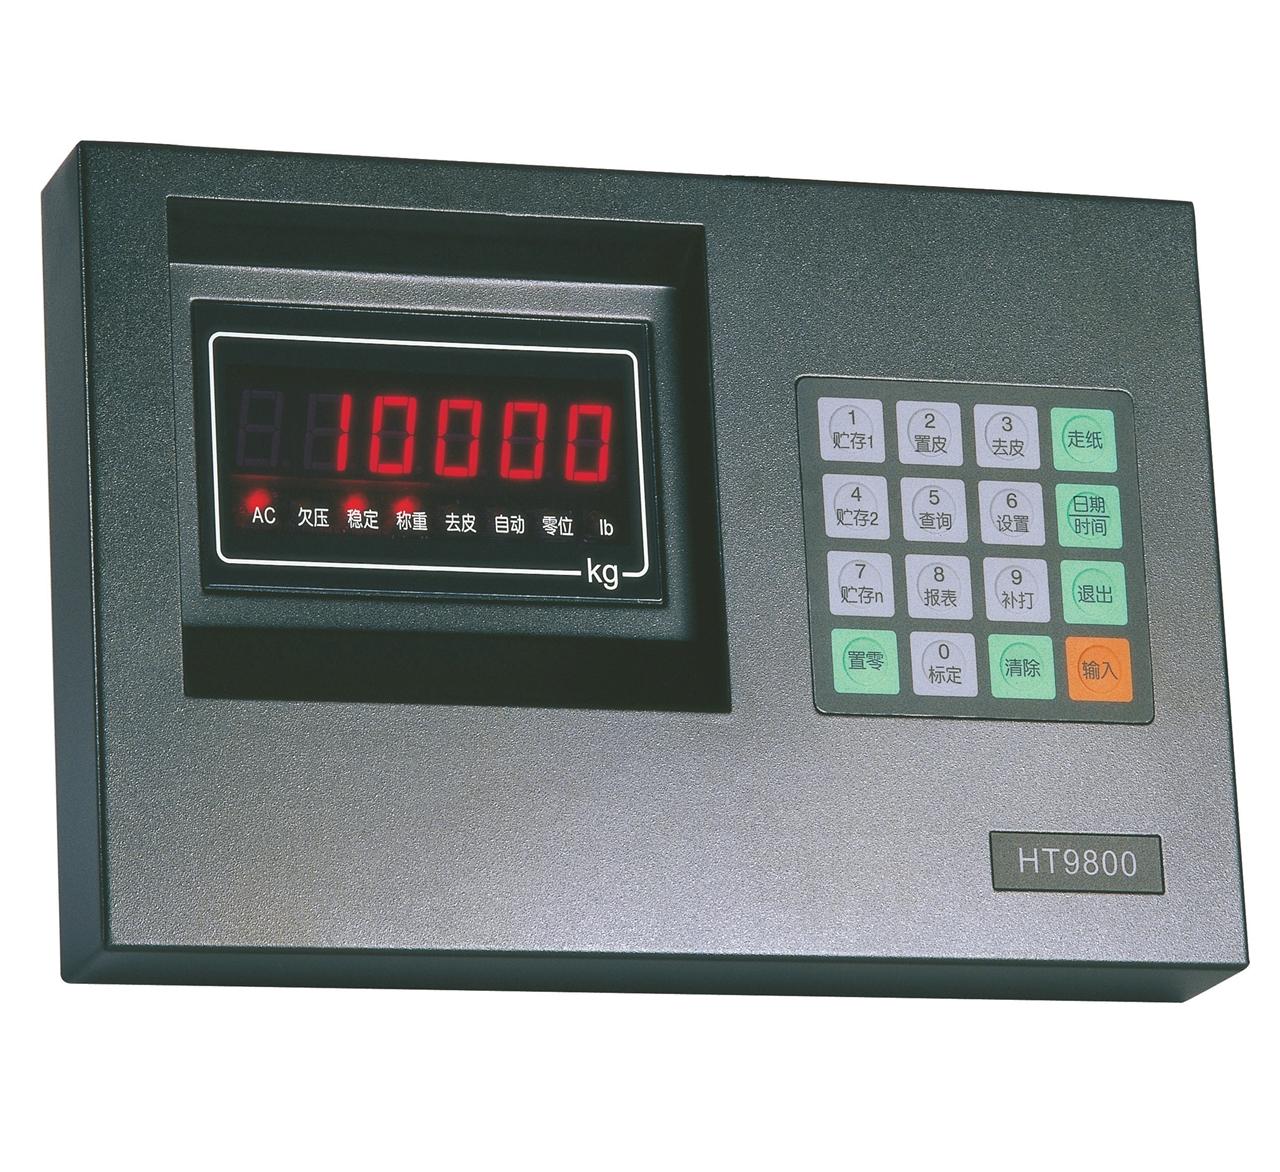 HT9800-HD7